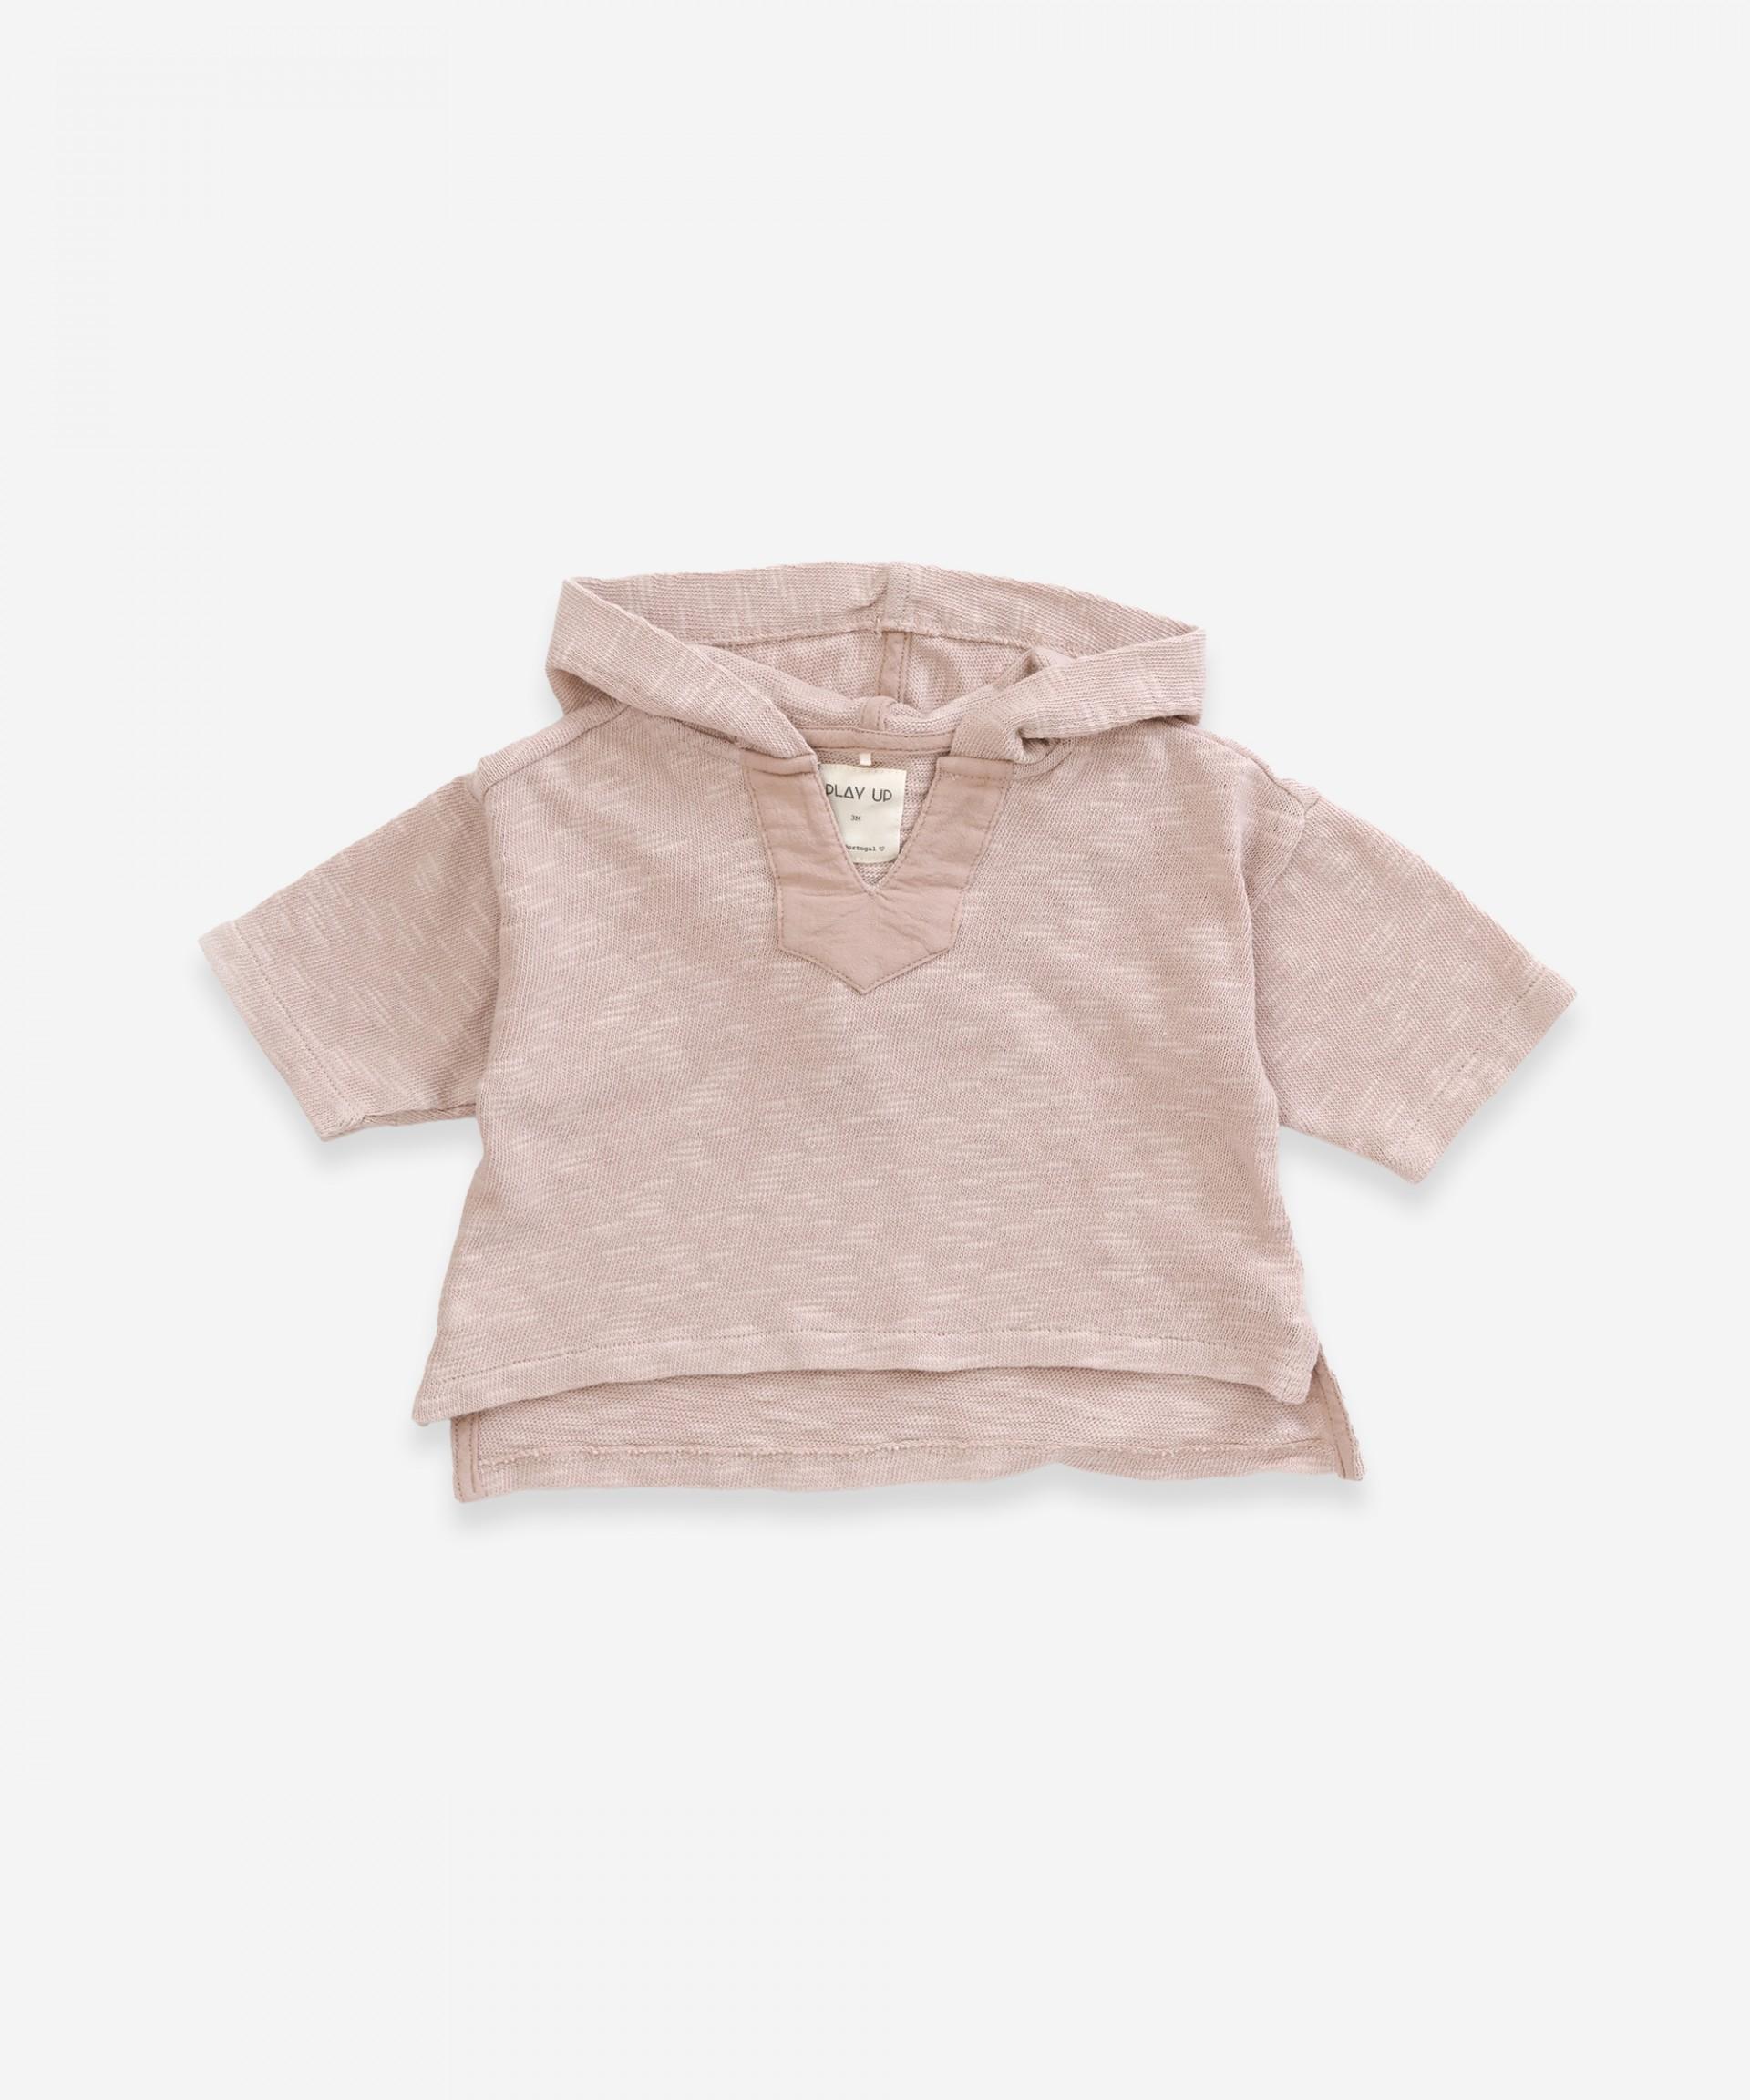 Jersey de algodón orgánico con capucha | Weaving